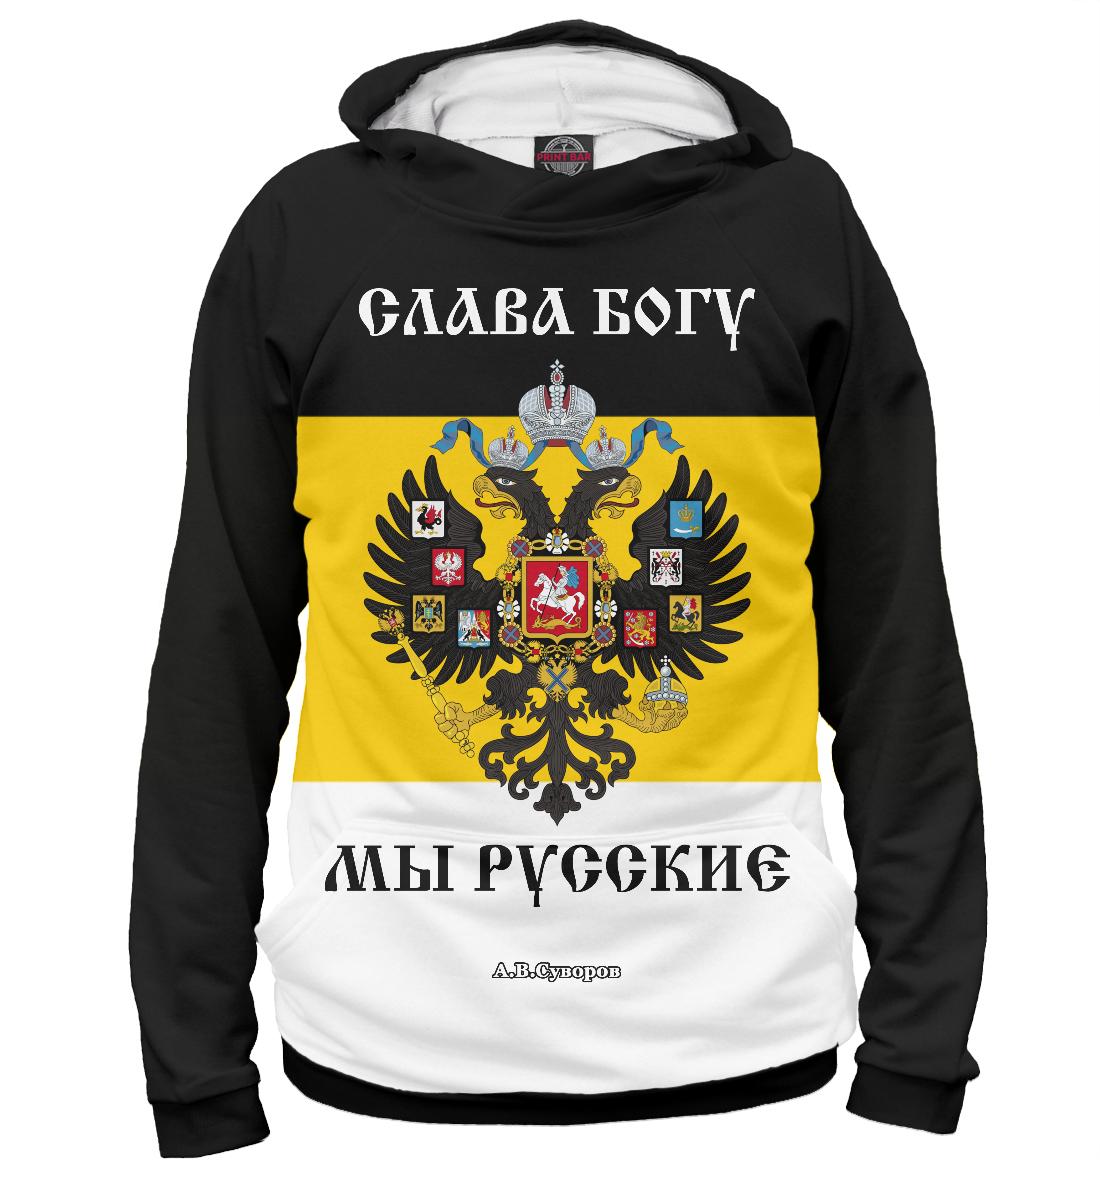 Купить Мы Русские, Printbar, Худи, SVN-312279-hud-1